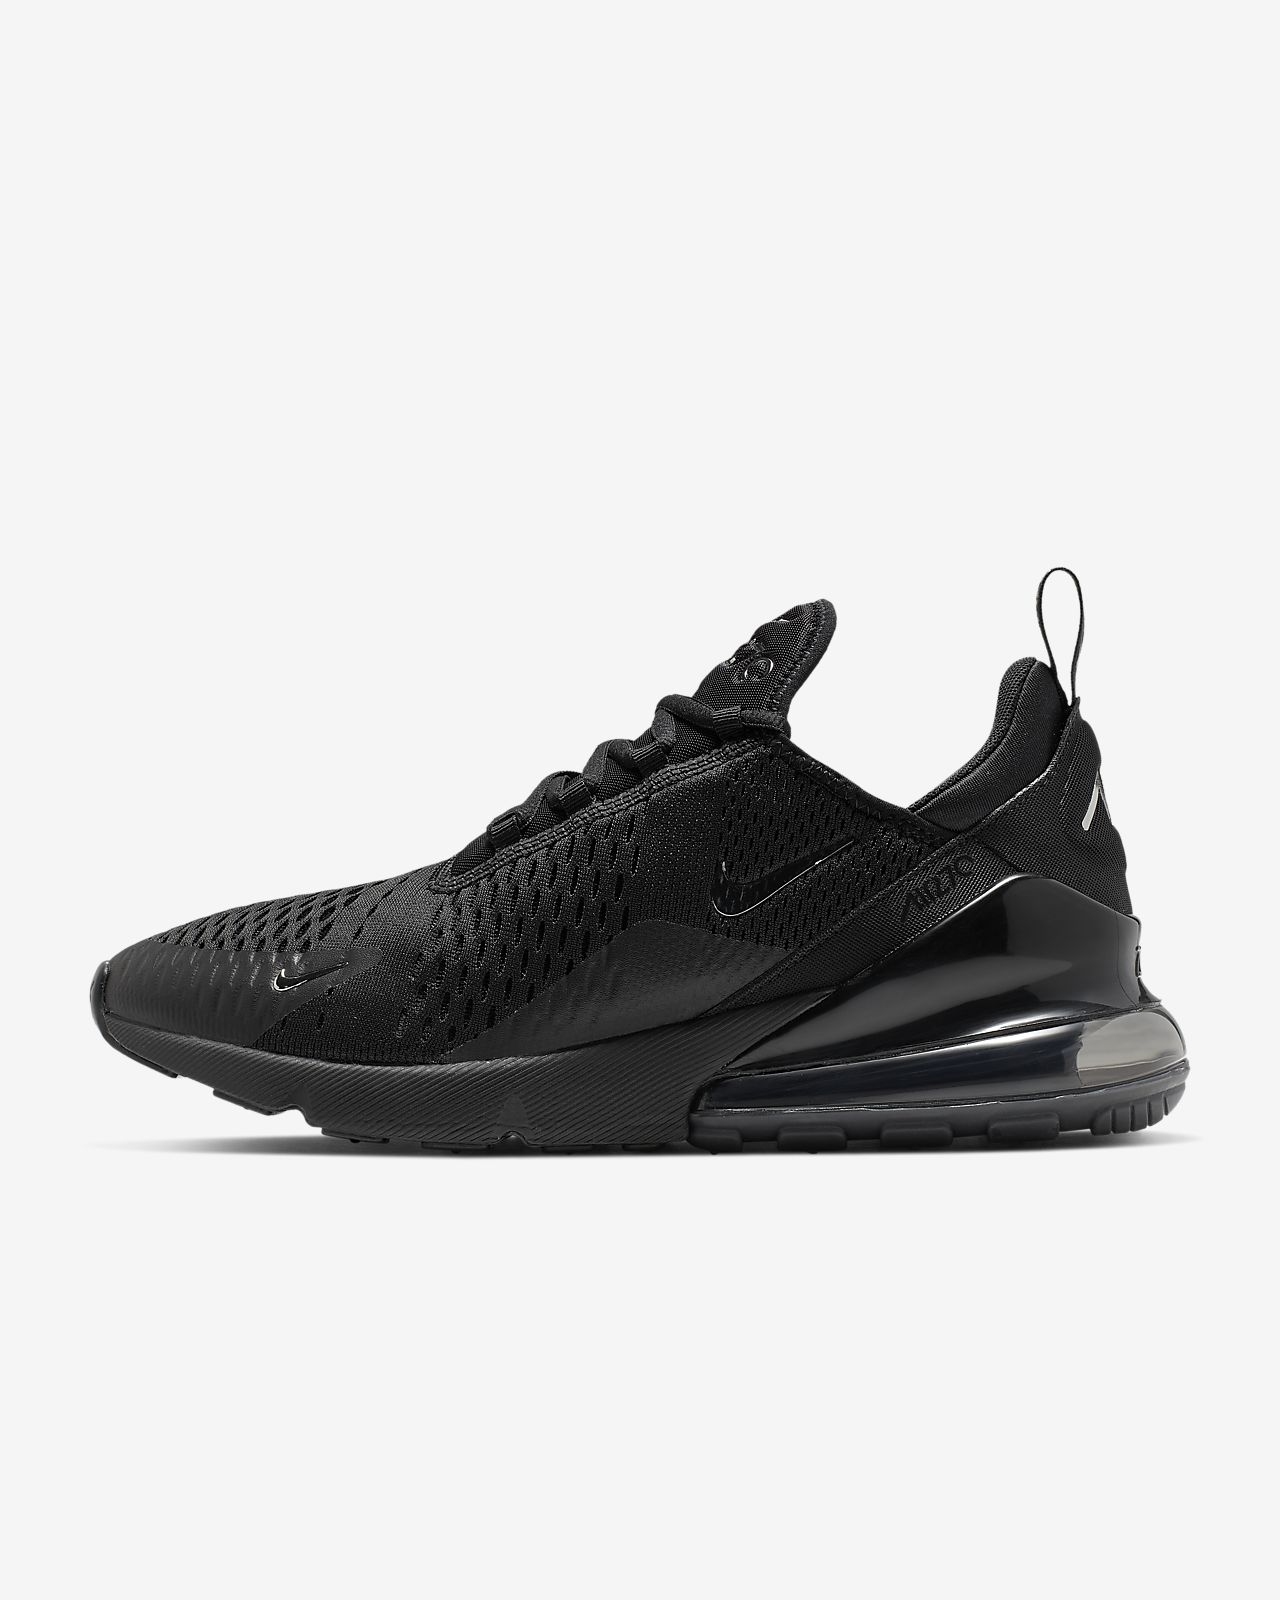 buy online 6dc89 090fc ... Nike Air Max 270-sko til mænd